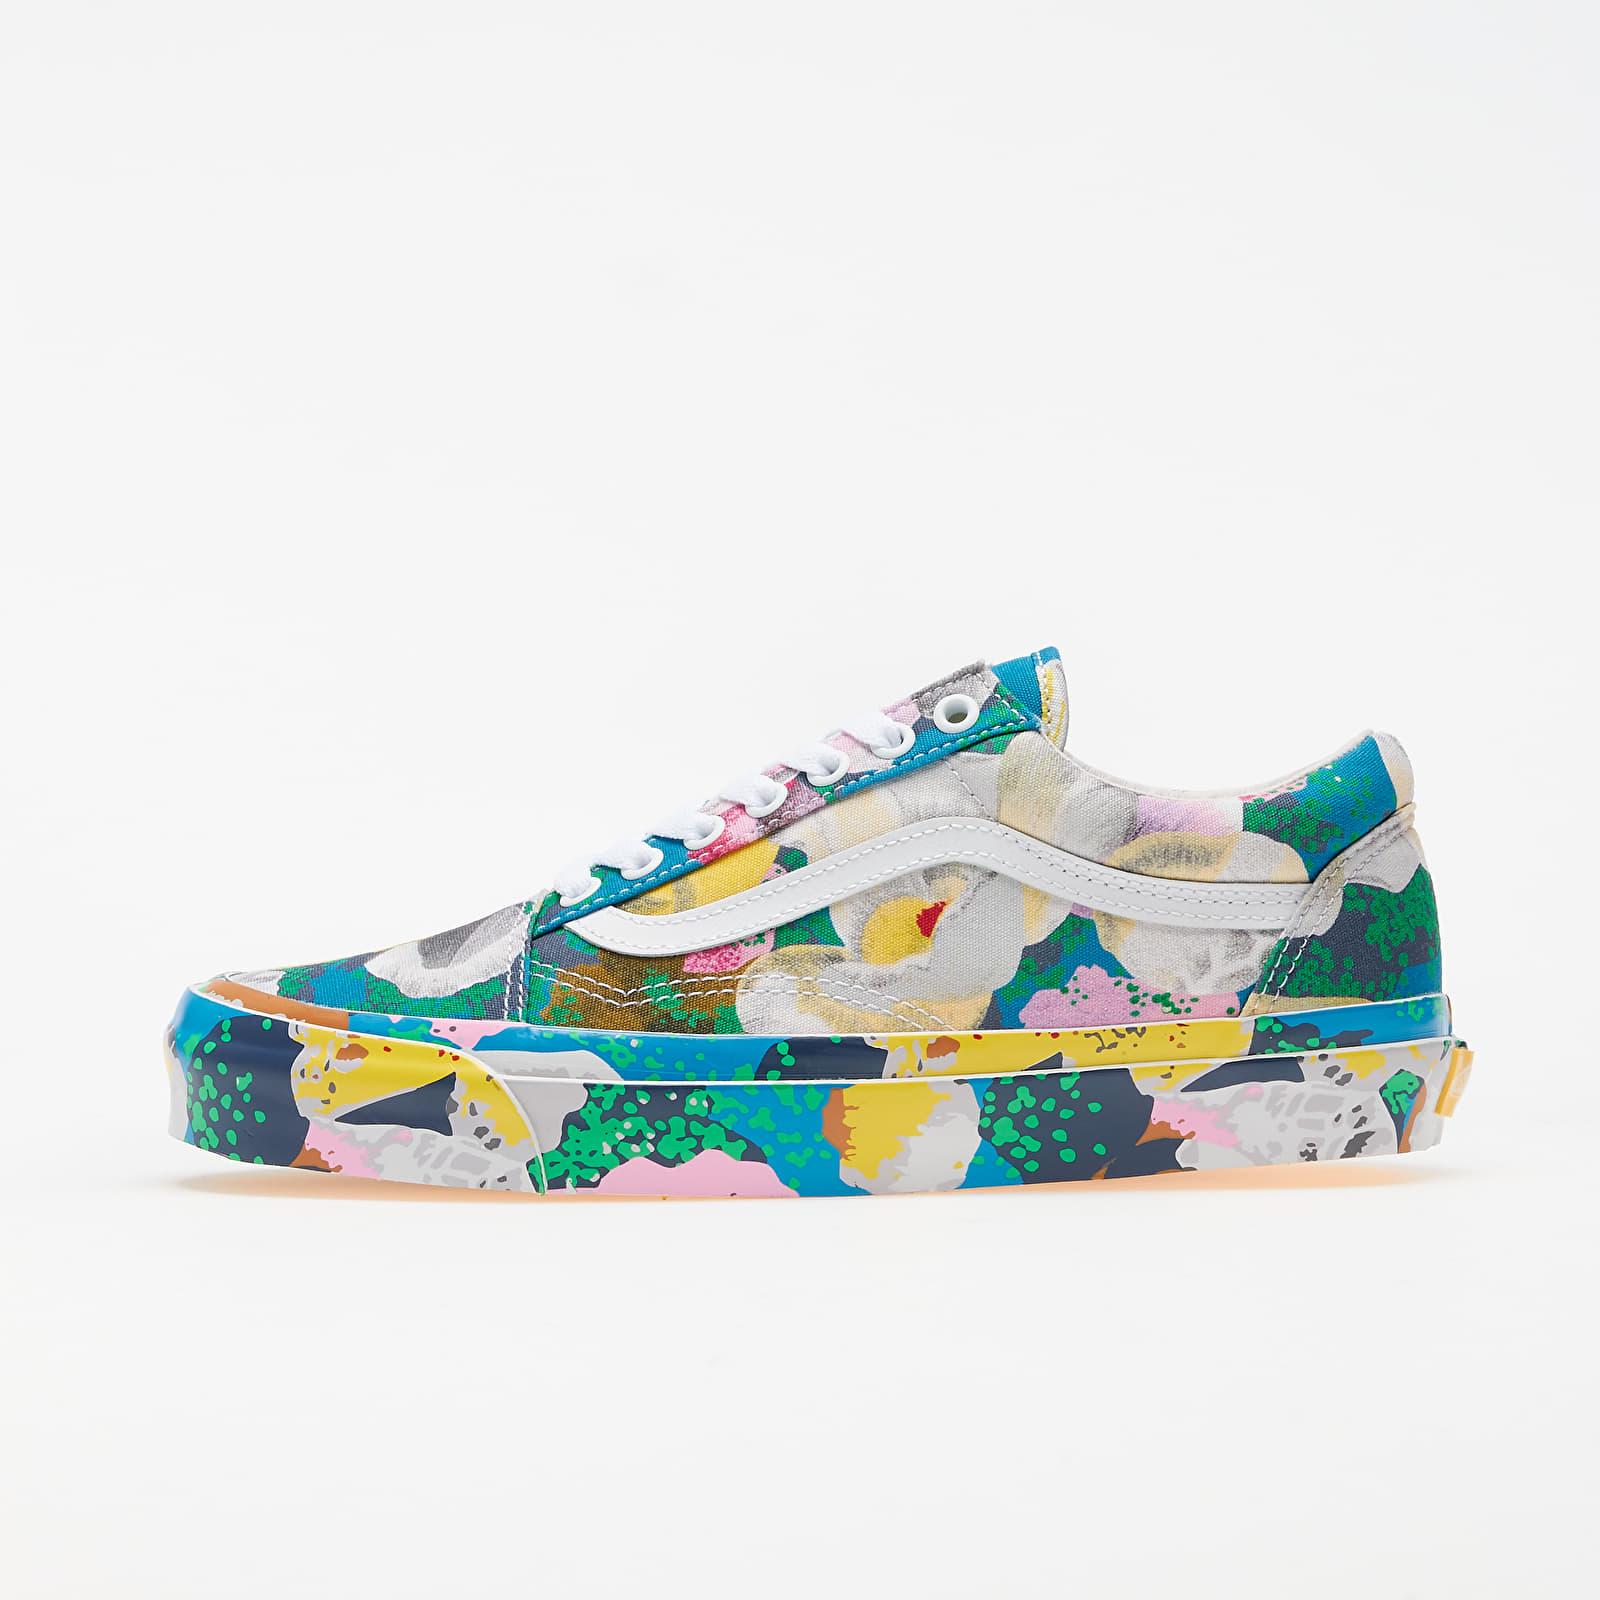 Încălțăminte și sneakerși pentru bărbați KENZO x Vans OG Old Skool LX Floral Yellow/ True White